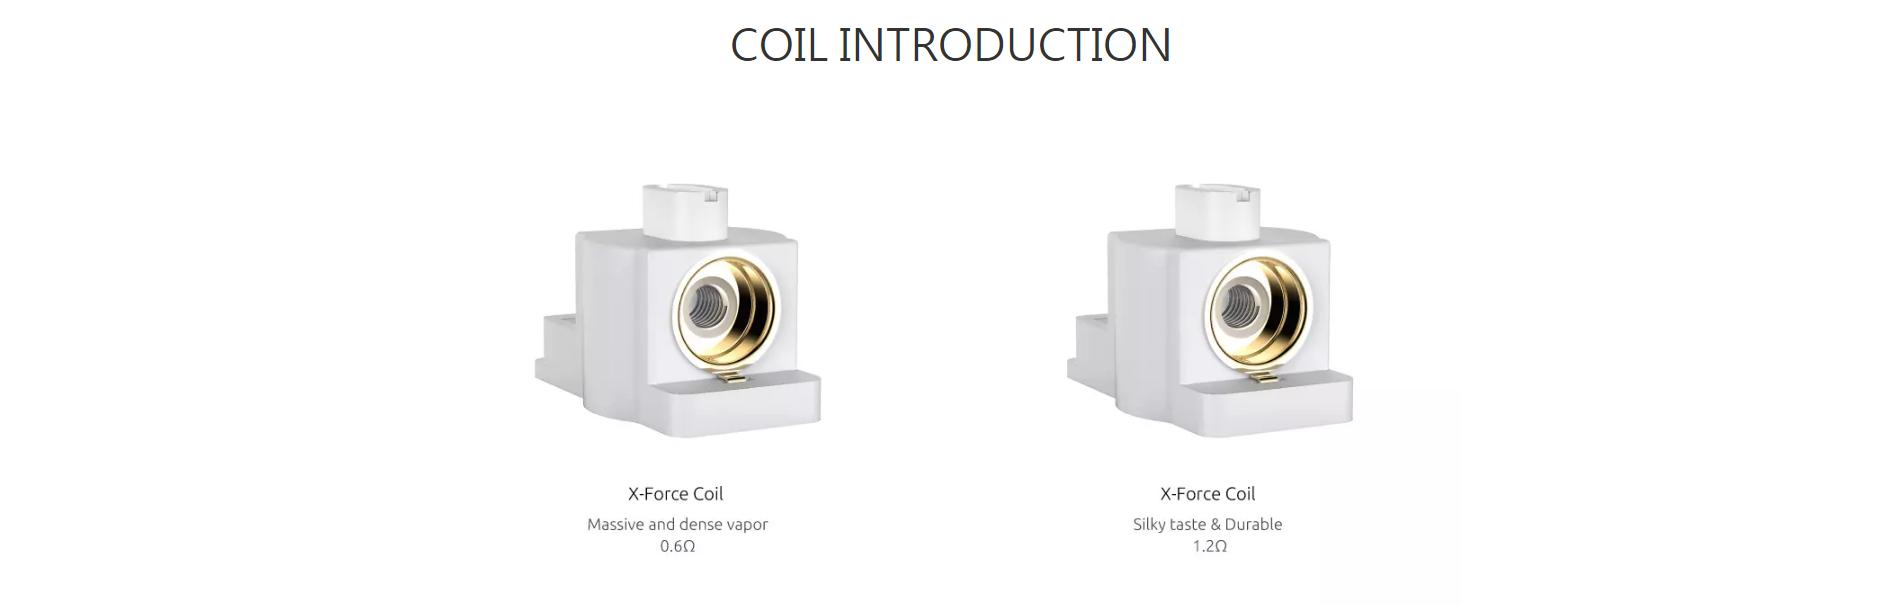 Testfull coils